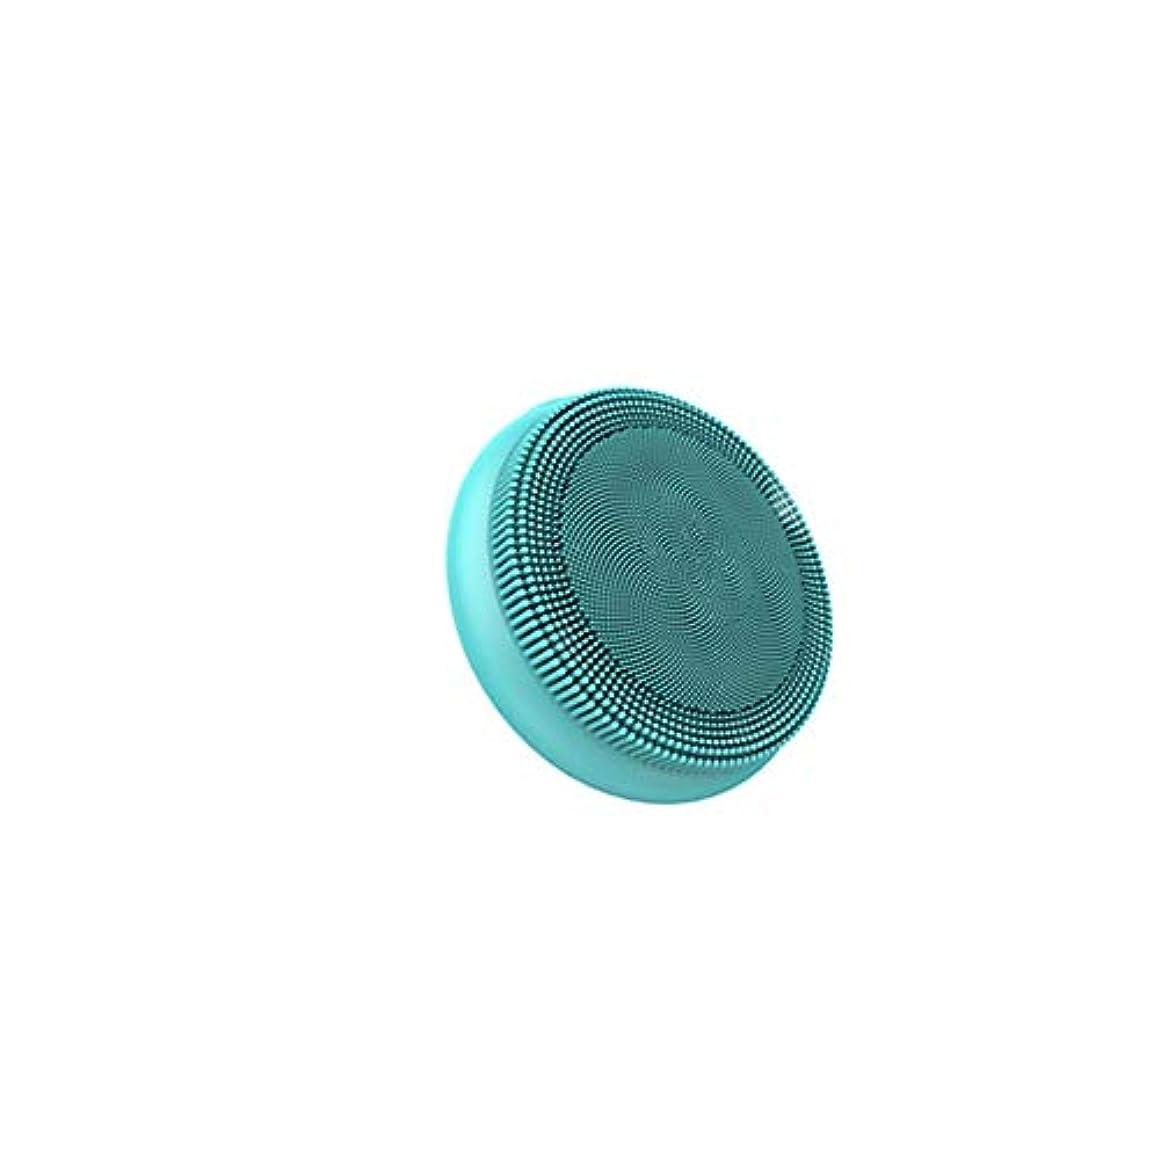 抹消悔い改めフォーラムフェイシャルクレンジングブラシ、ディープクレンジング用防水シリコンフェイスマッサージャー、すべての肌タイプのアンチエイジングスキンケアデバイス,グリーン